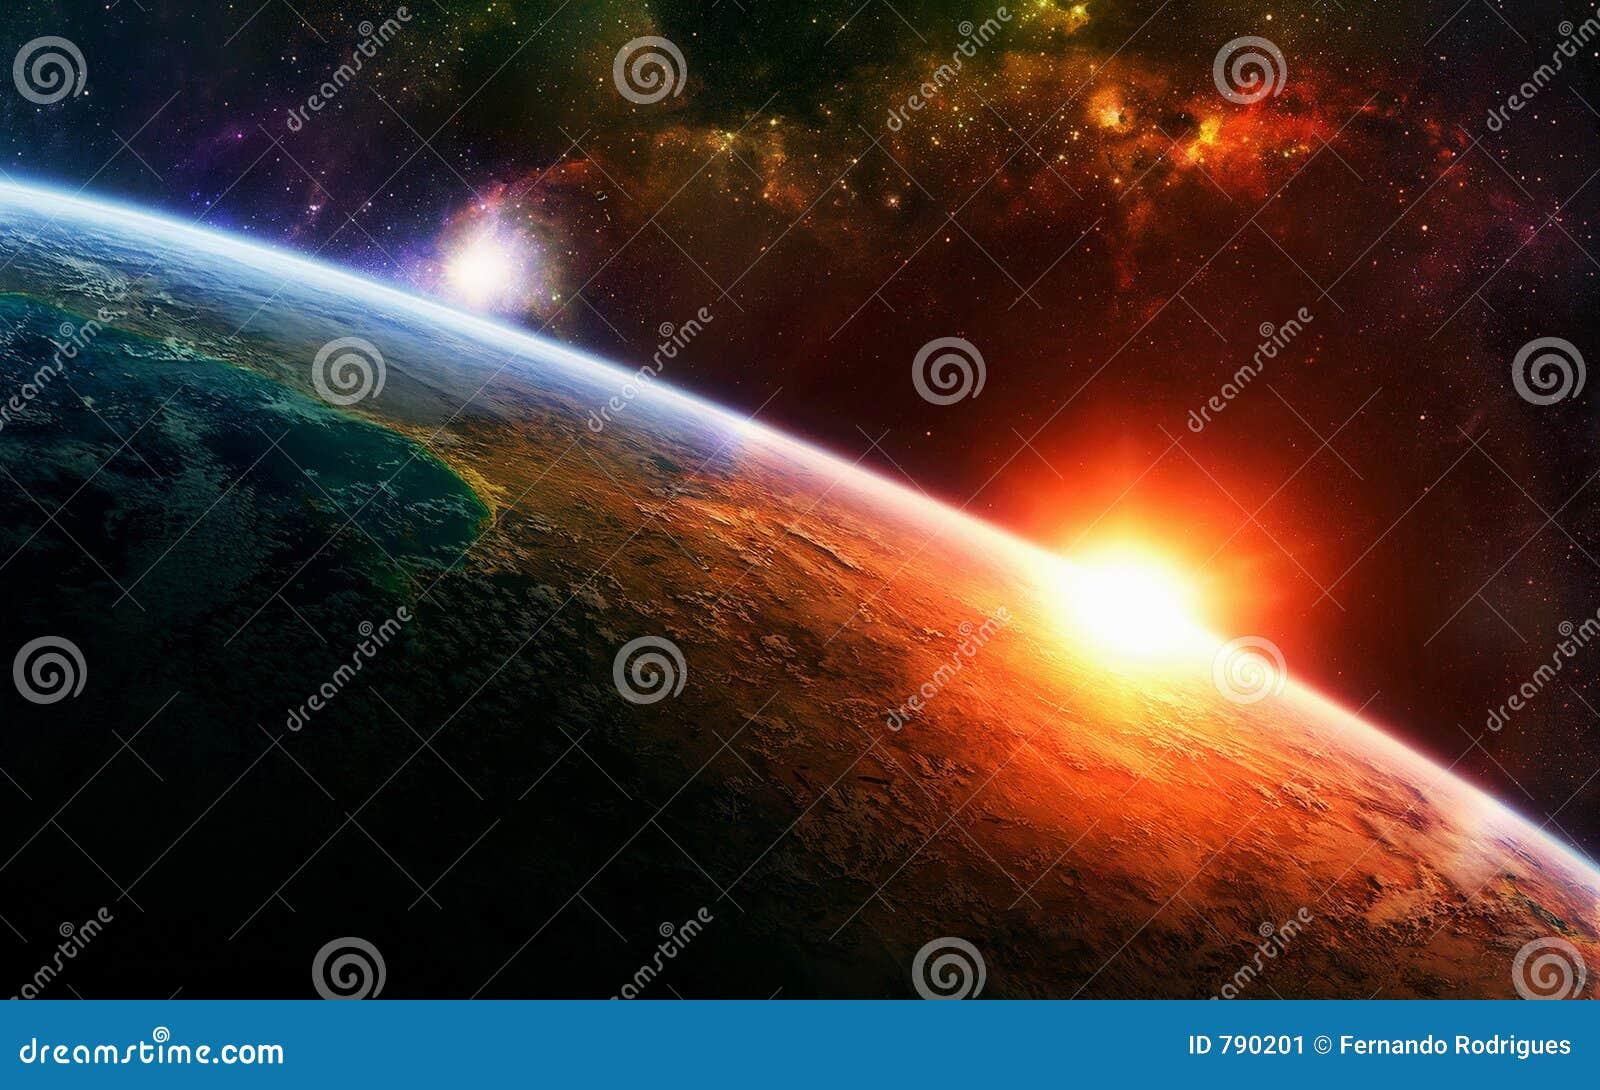 De essentie van ruimte